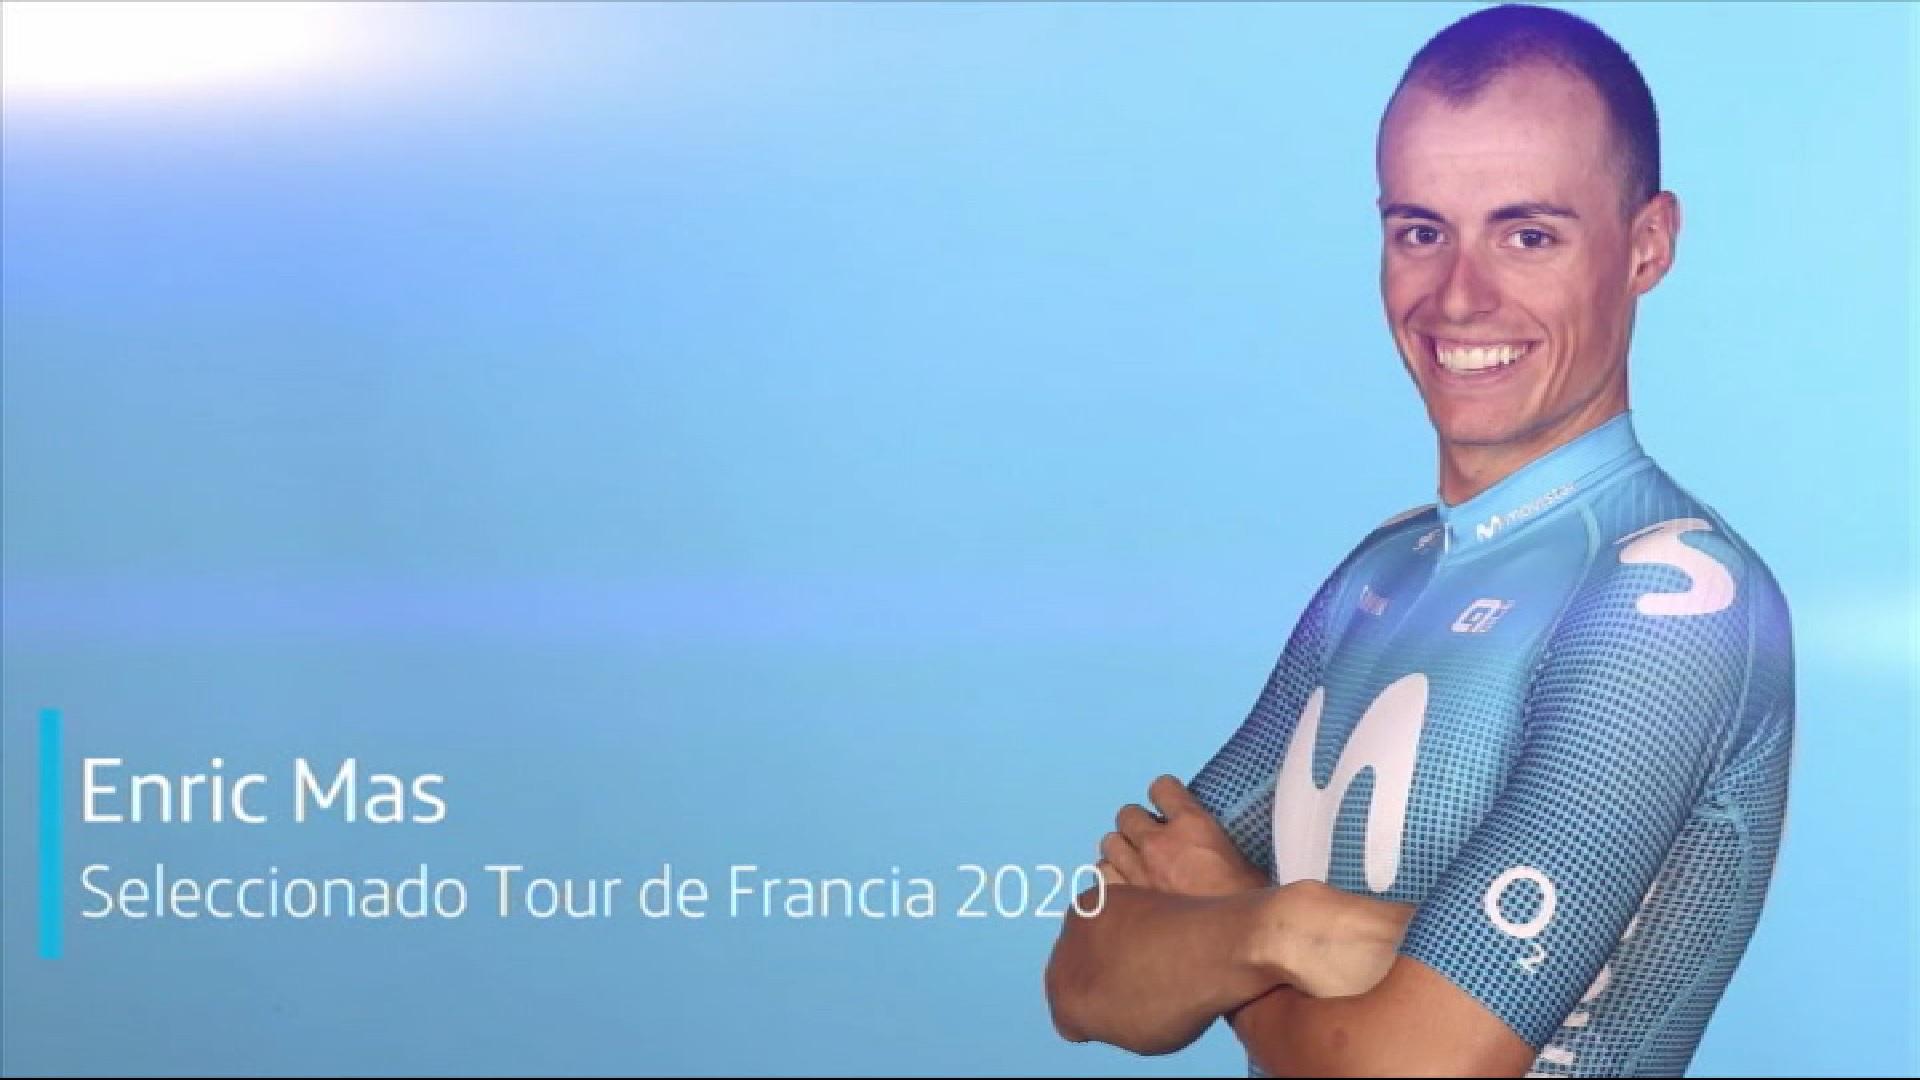 Enric+Mas+ja+compta+les+hores+per+ser+al+Tour+de+Fran%C3%A7a